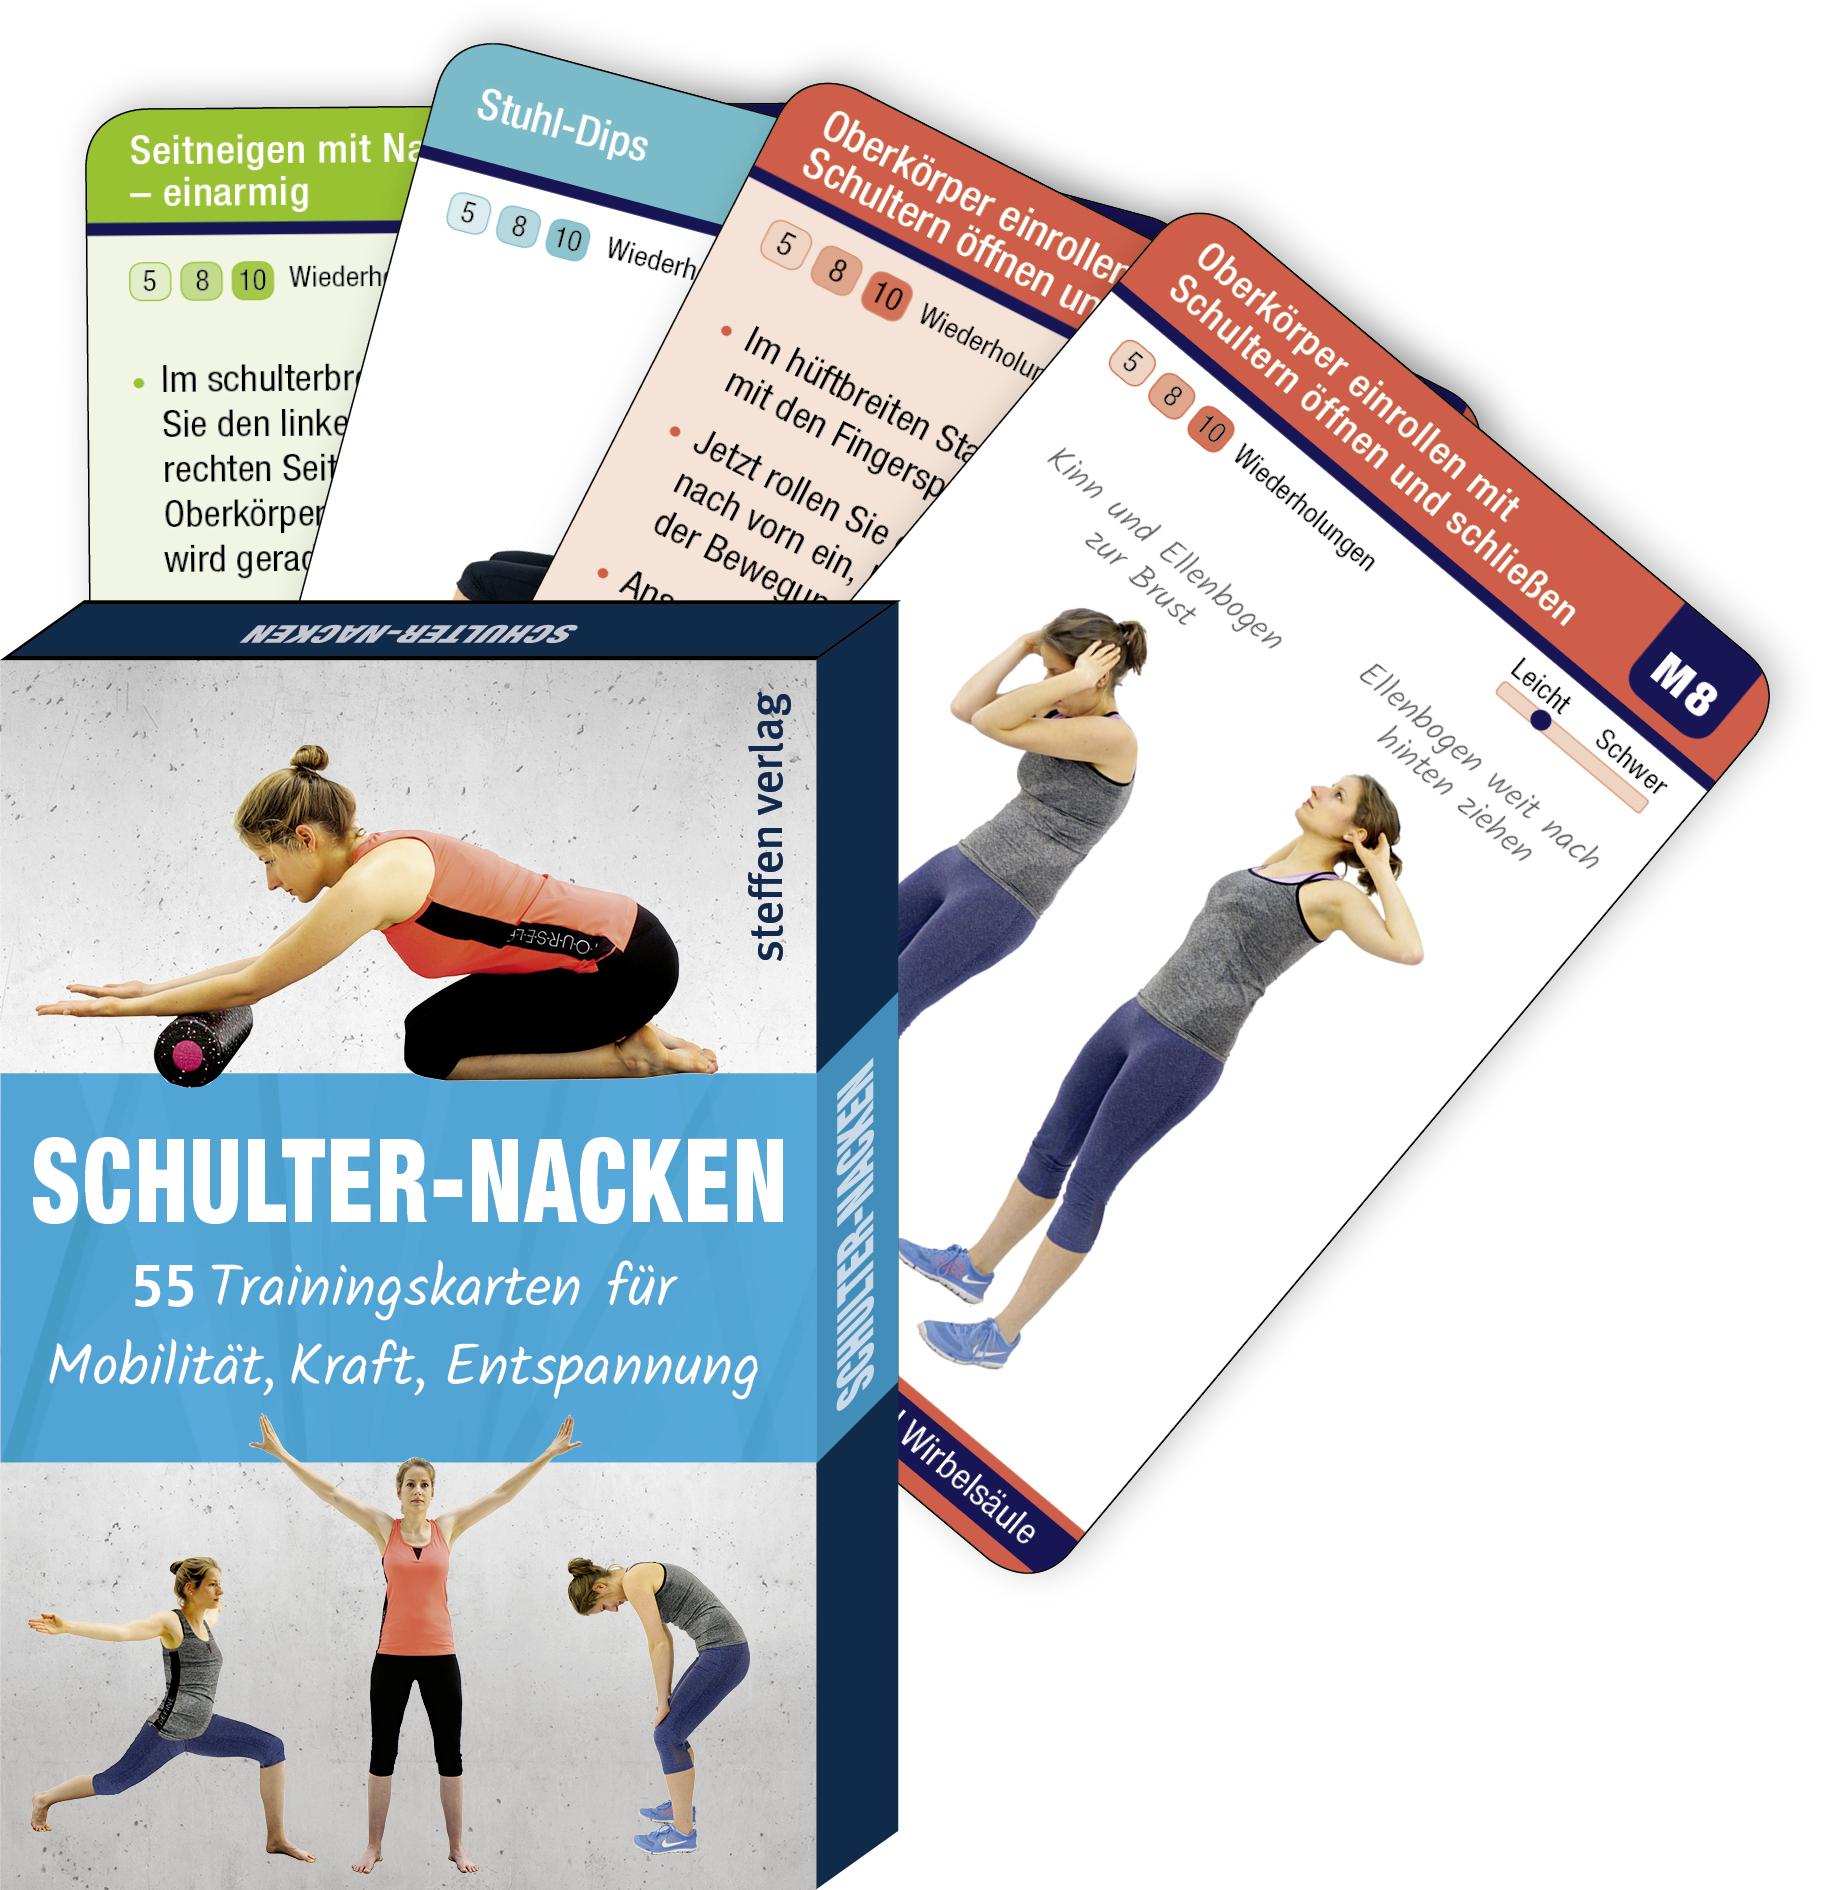 Schachtel-mit-Karten_Schulter-Nacken6Plu84bW6GPuL